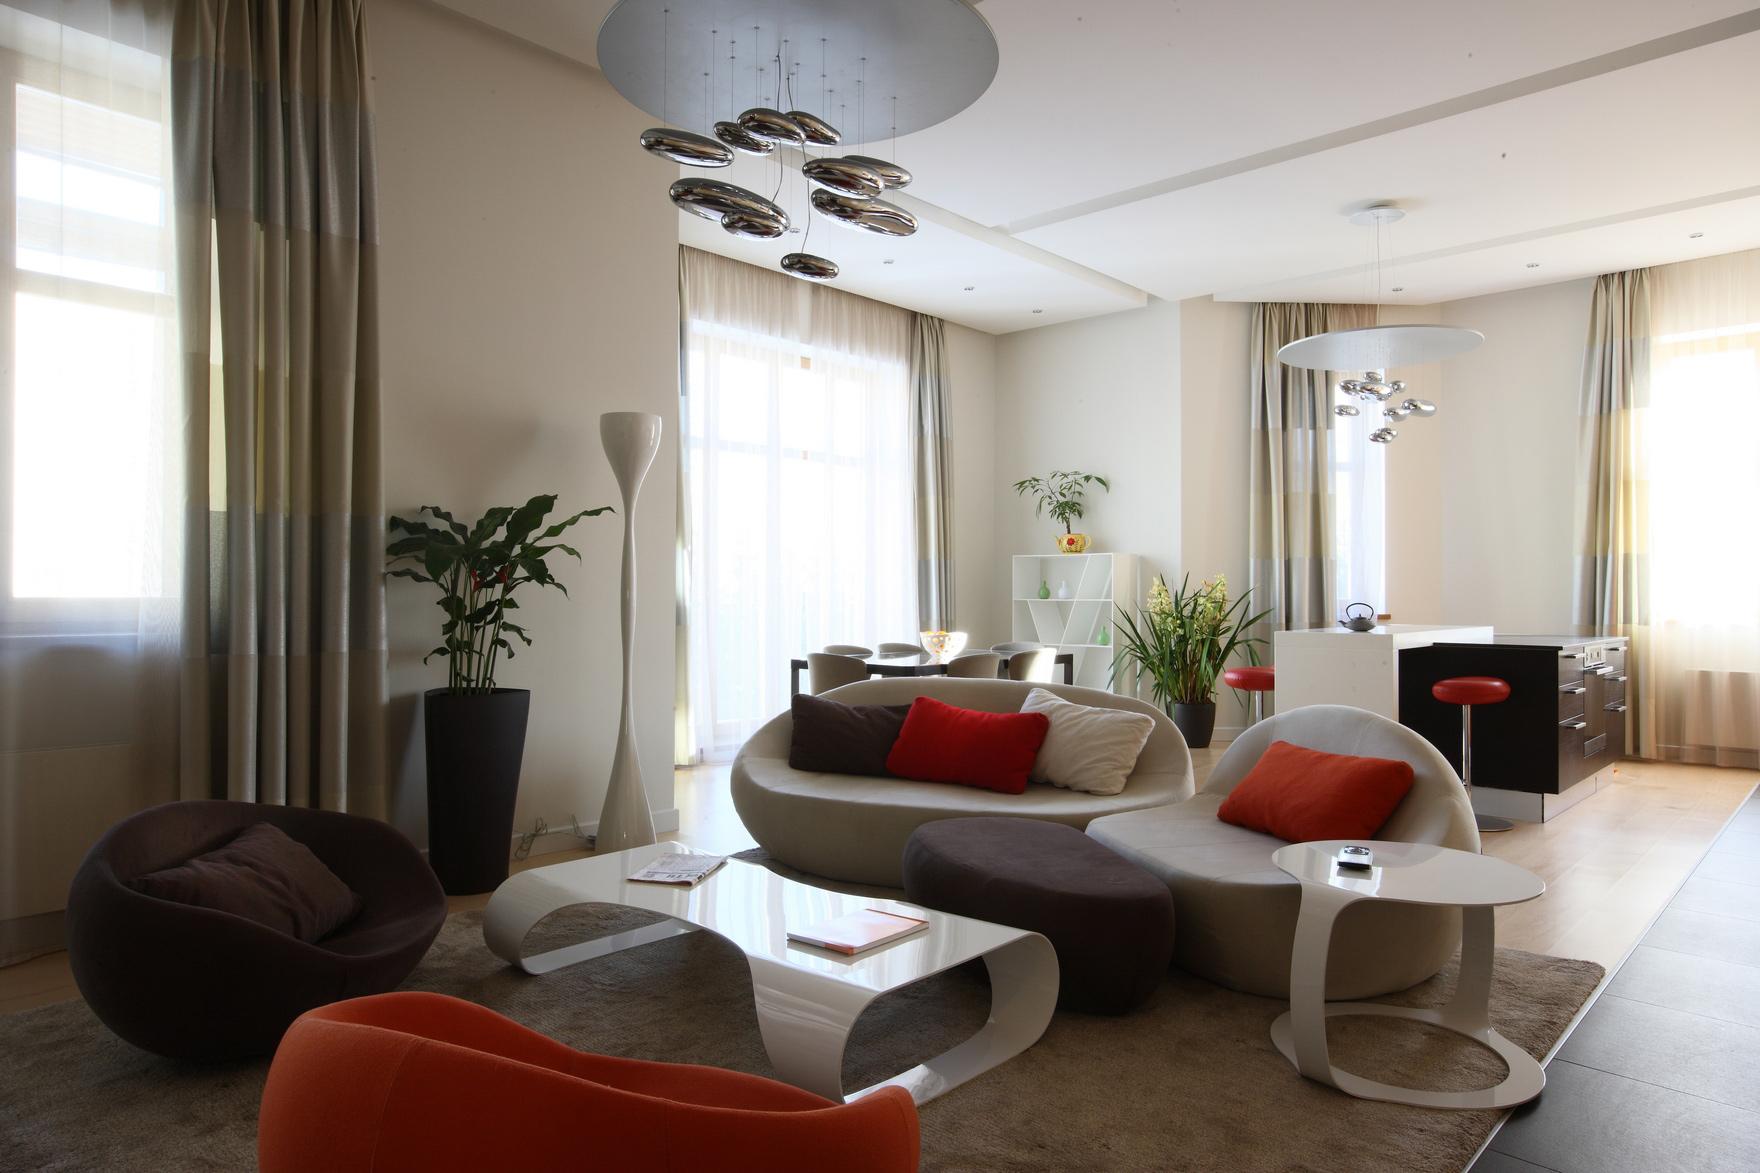 интерьер гостиной - фото № 48457